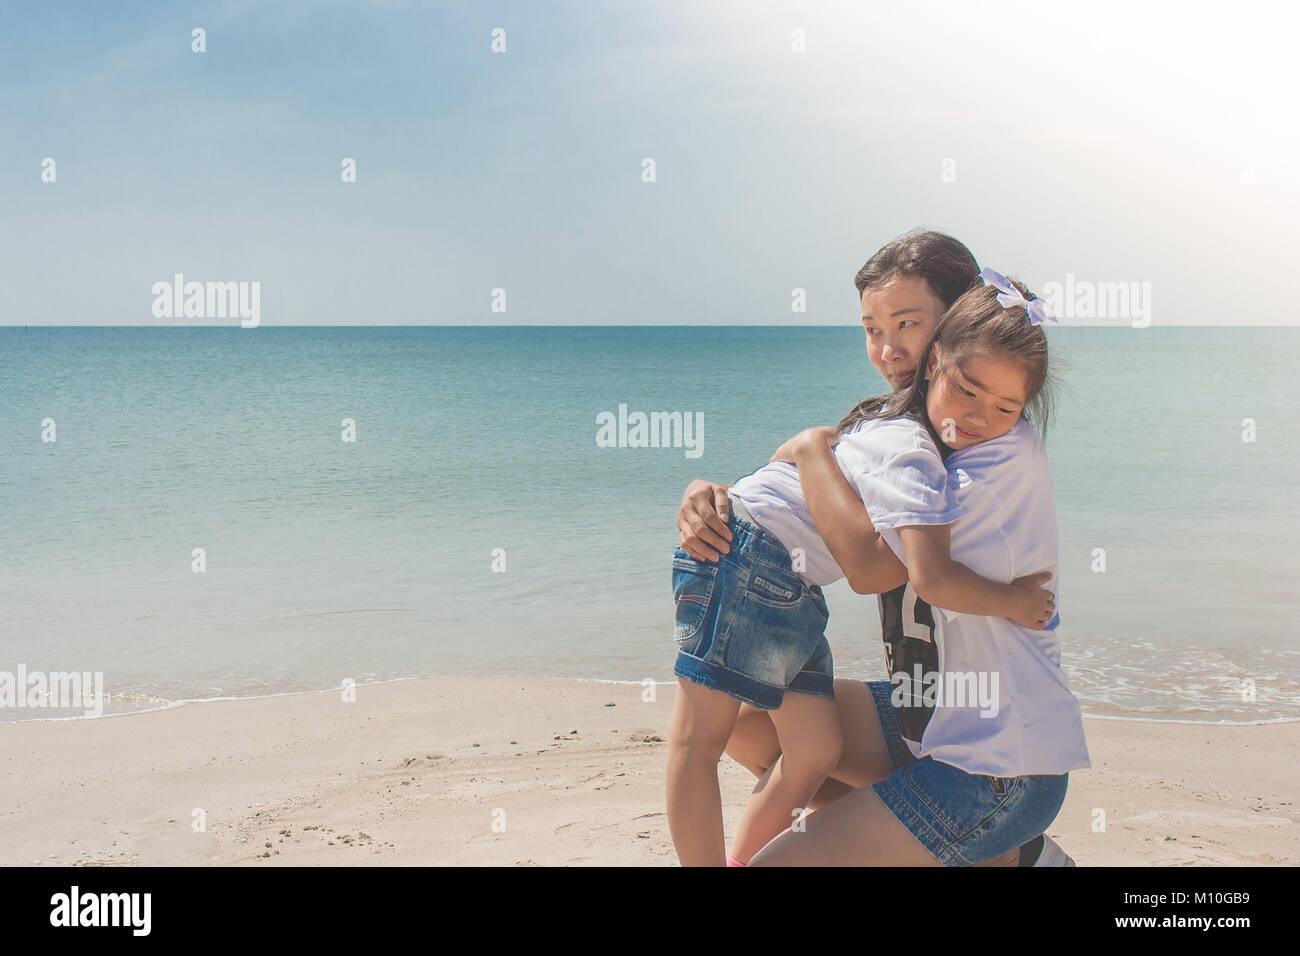 Adorable y concepto de familia : Mujer y niño abrazándolo y sensación de felicidad sobre la arena de la playa con Foto de stock